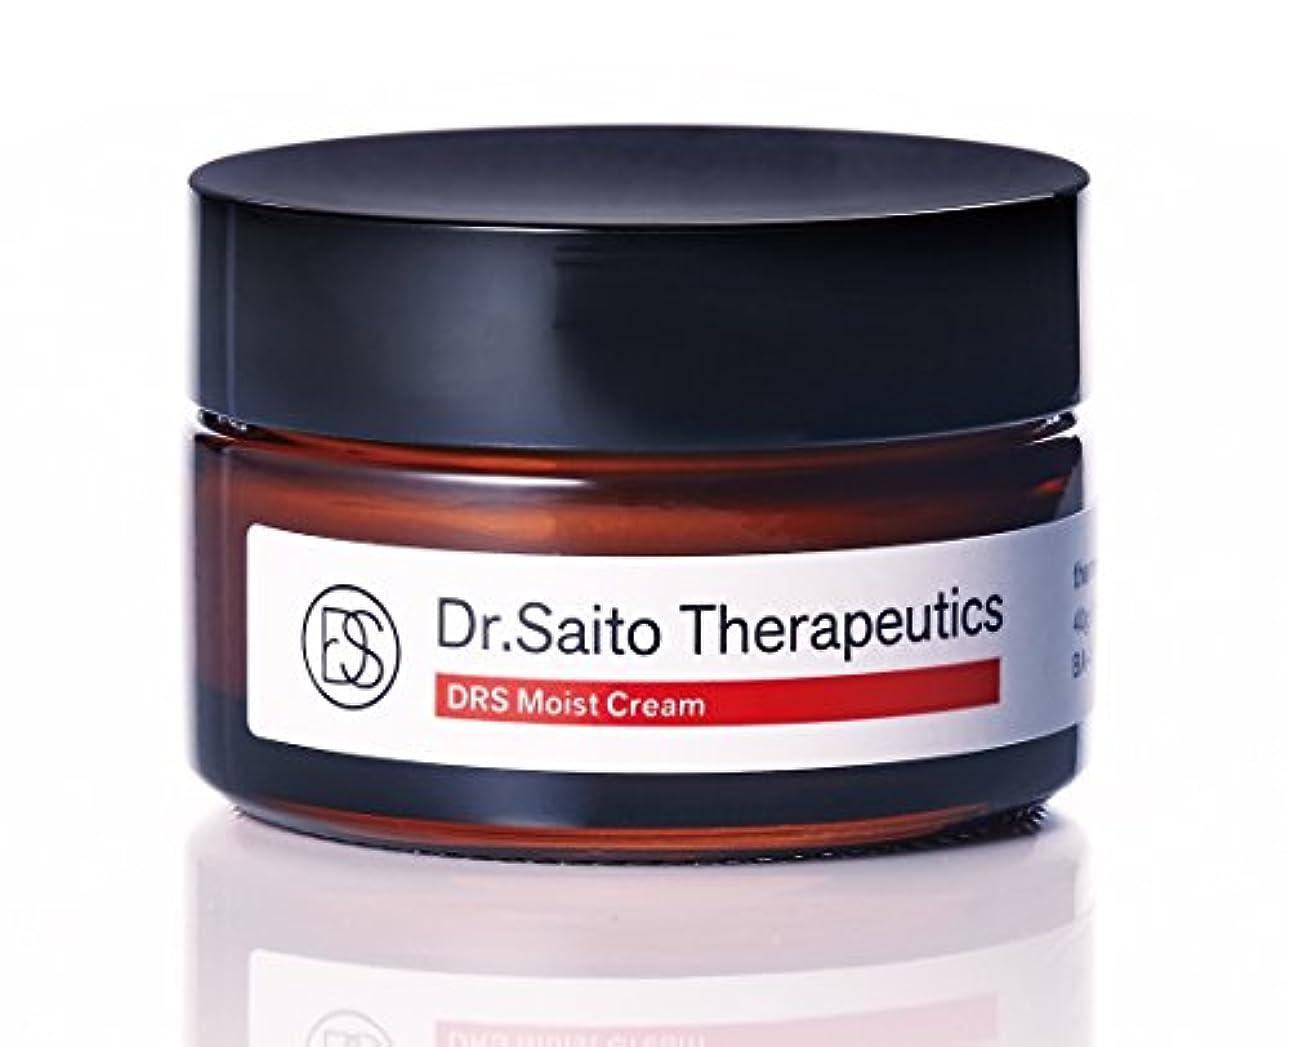 立方体勧告代わりに日本機能性医学研究所 Dr.Saito Therapeutics「DRS保湿クリーム」40g